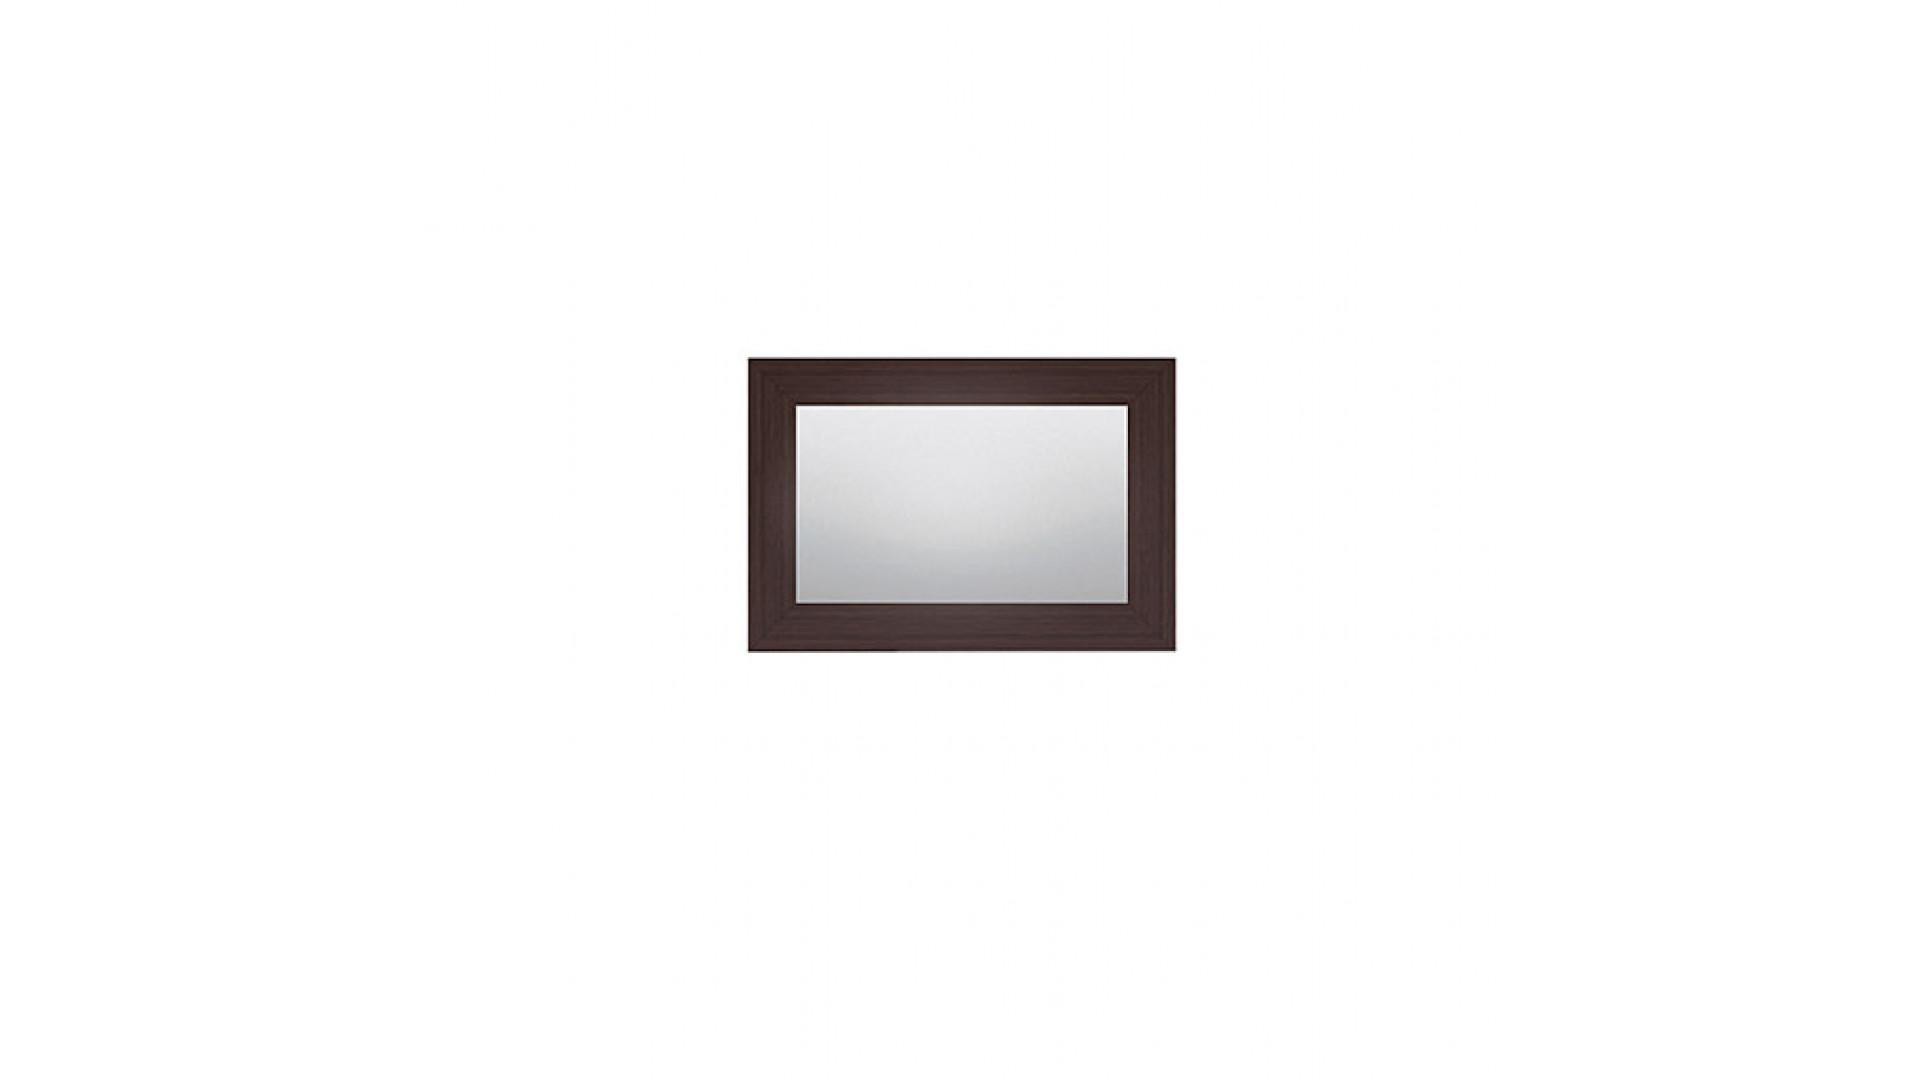 зеркало над комодом Кураж Парма